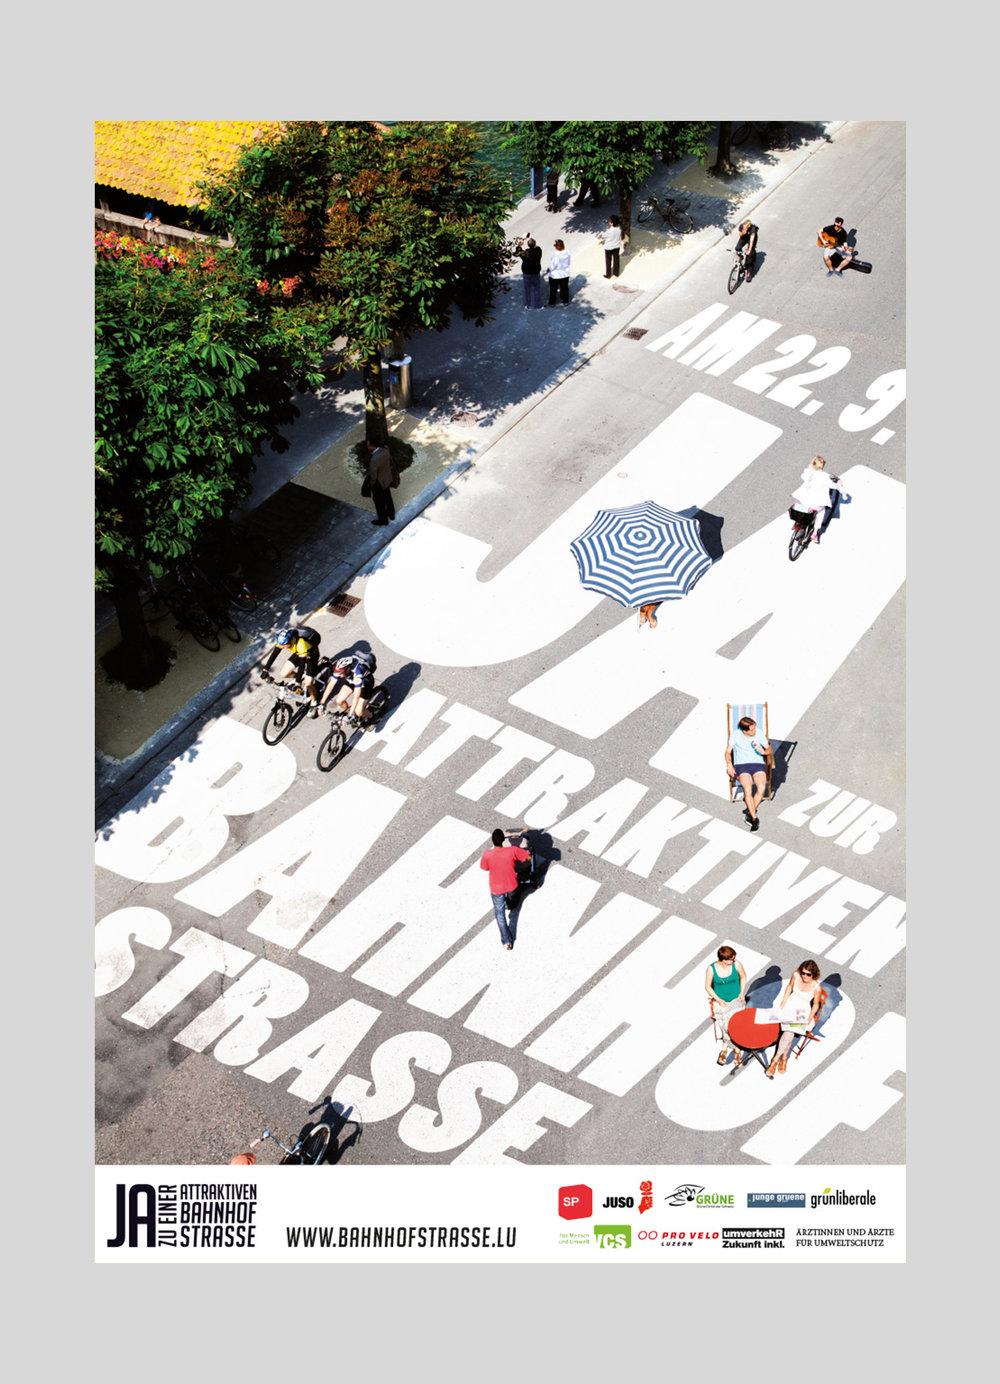 SP Stadt Luzern – Attraktive Bahnhofstrasse  | 2013  Volksinitiative der SP Stadt Luzern für eine attraktive und wenn möglich autofreie Bahnhofstrasse.